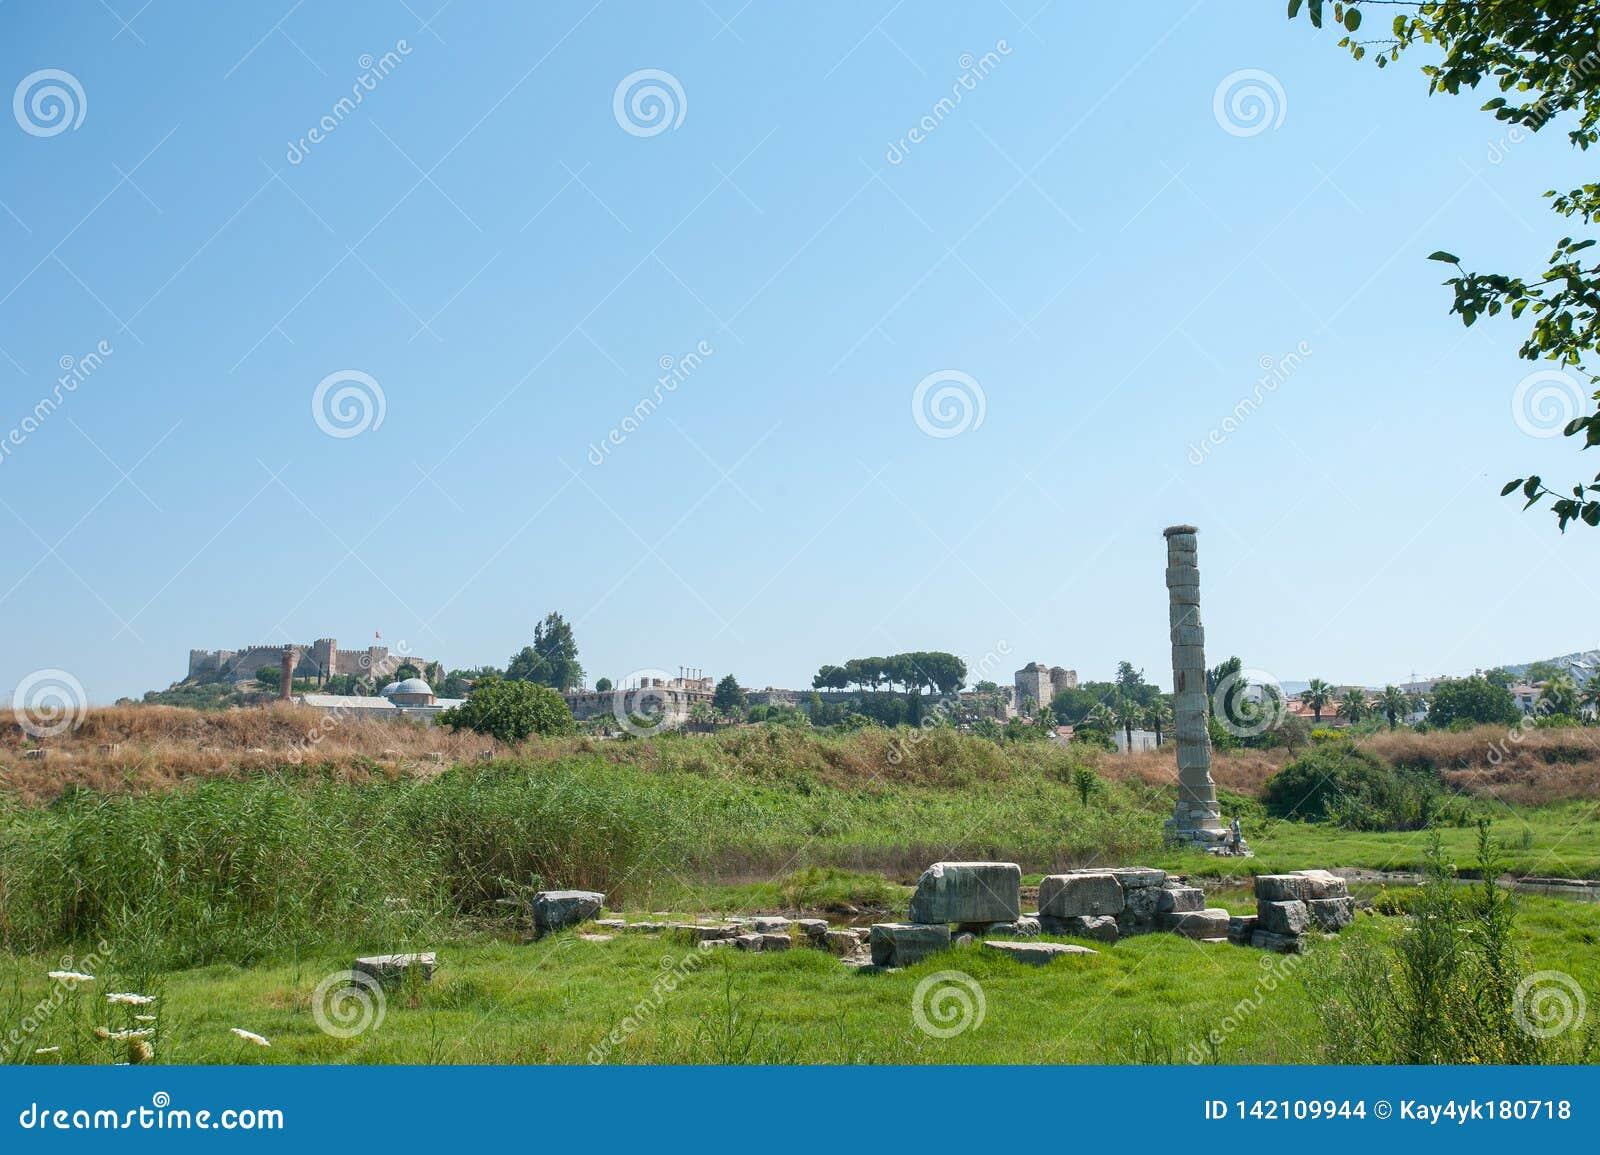 Руины Temple of Artemis, один из 7 интересов античного мира Selcuk, Турция, наши дни